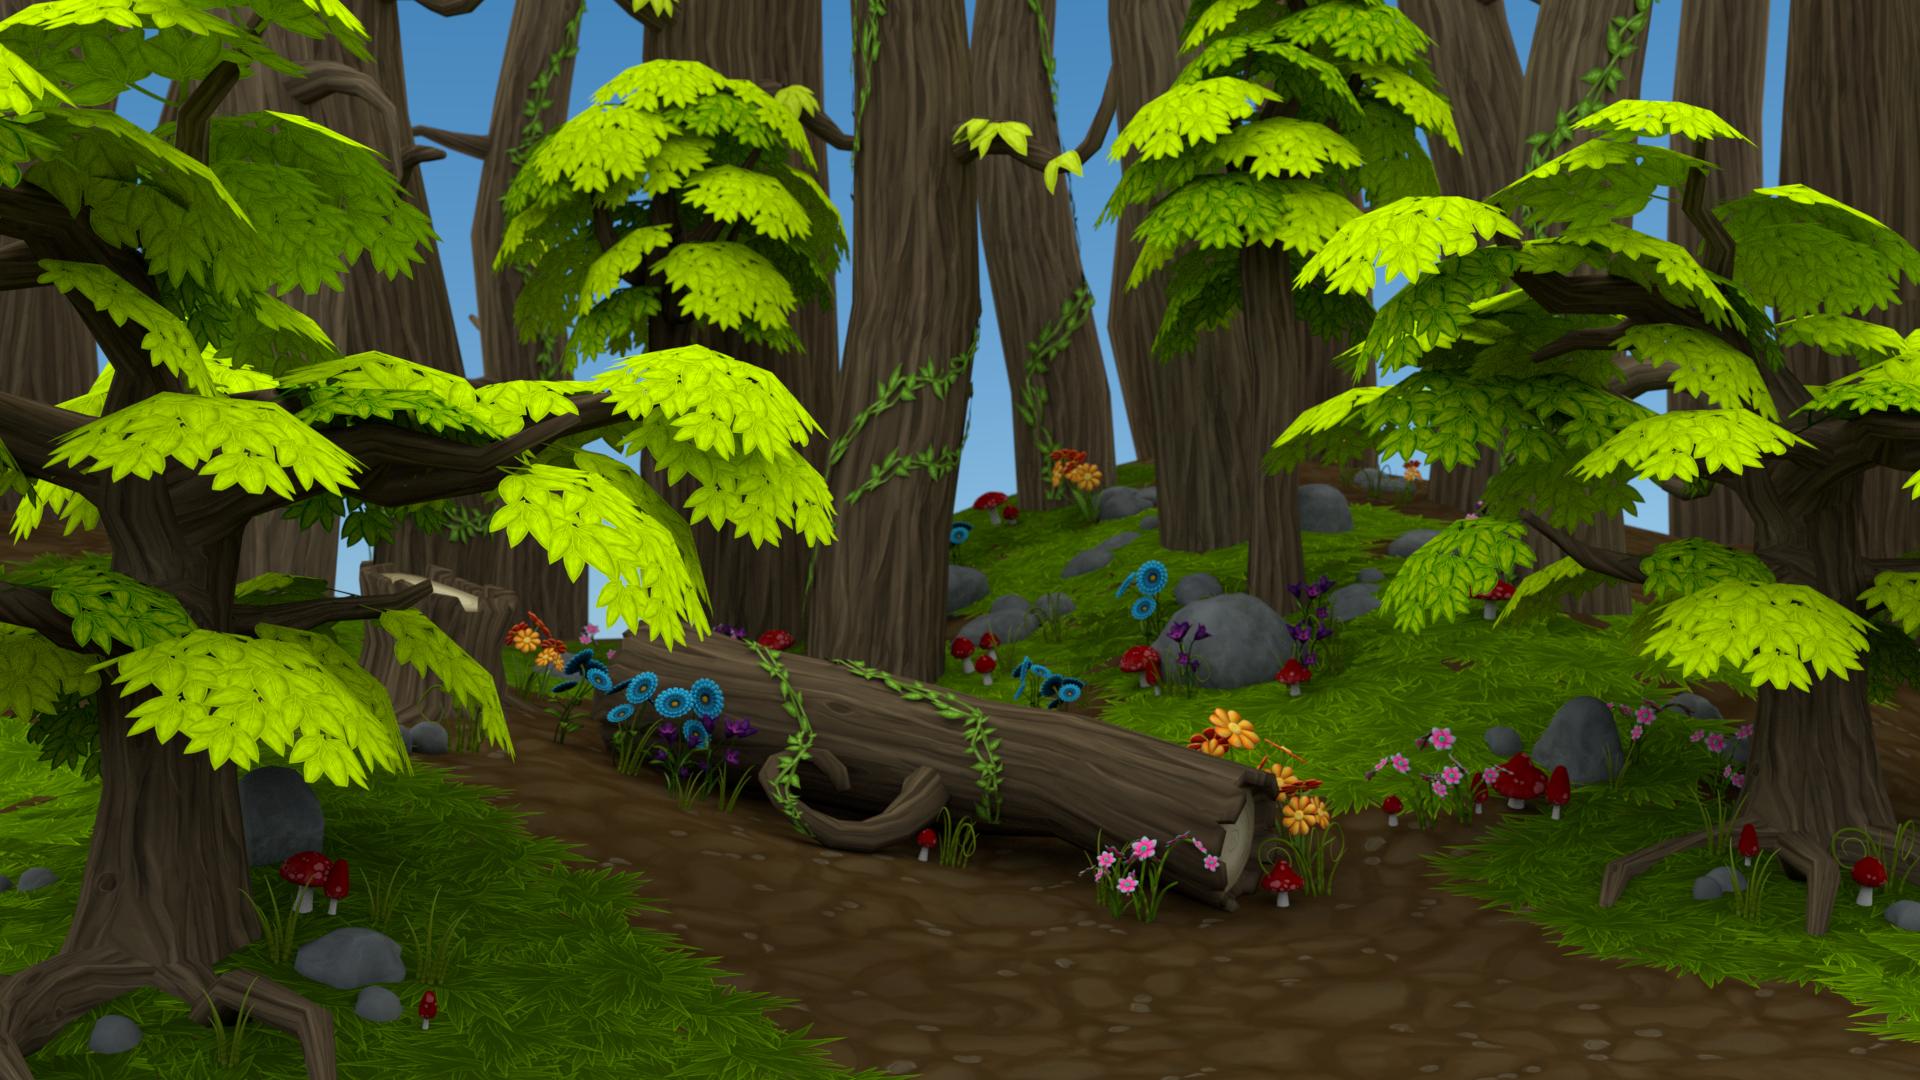 PNG Jungle Scene - 48826